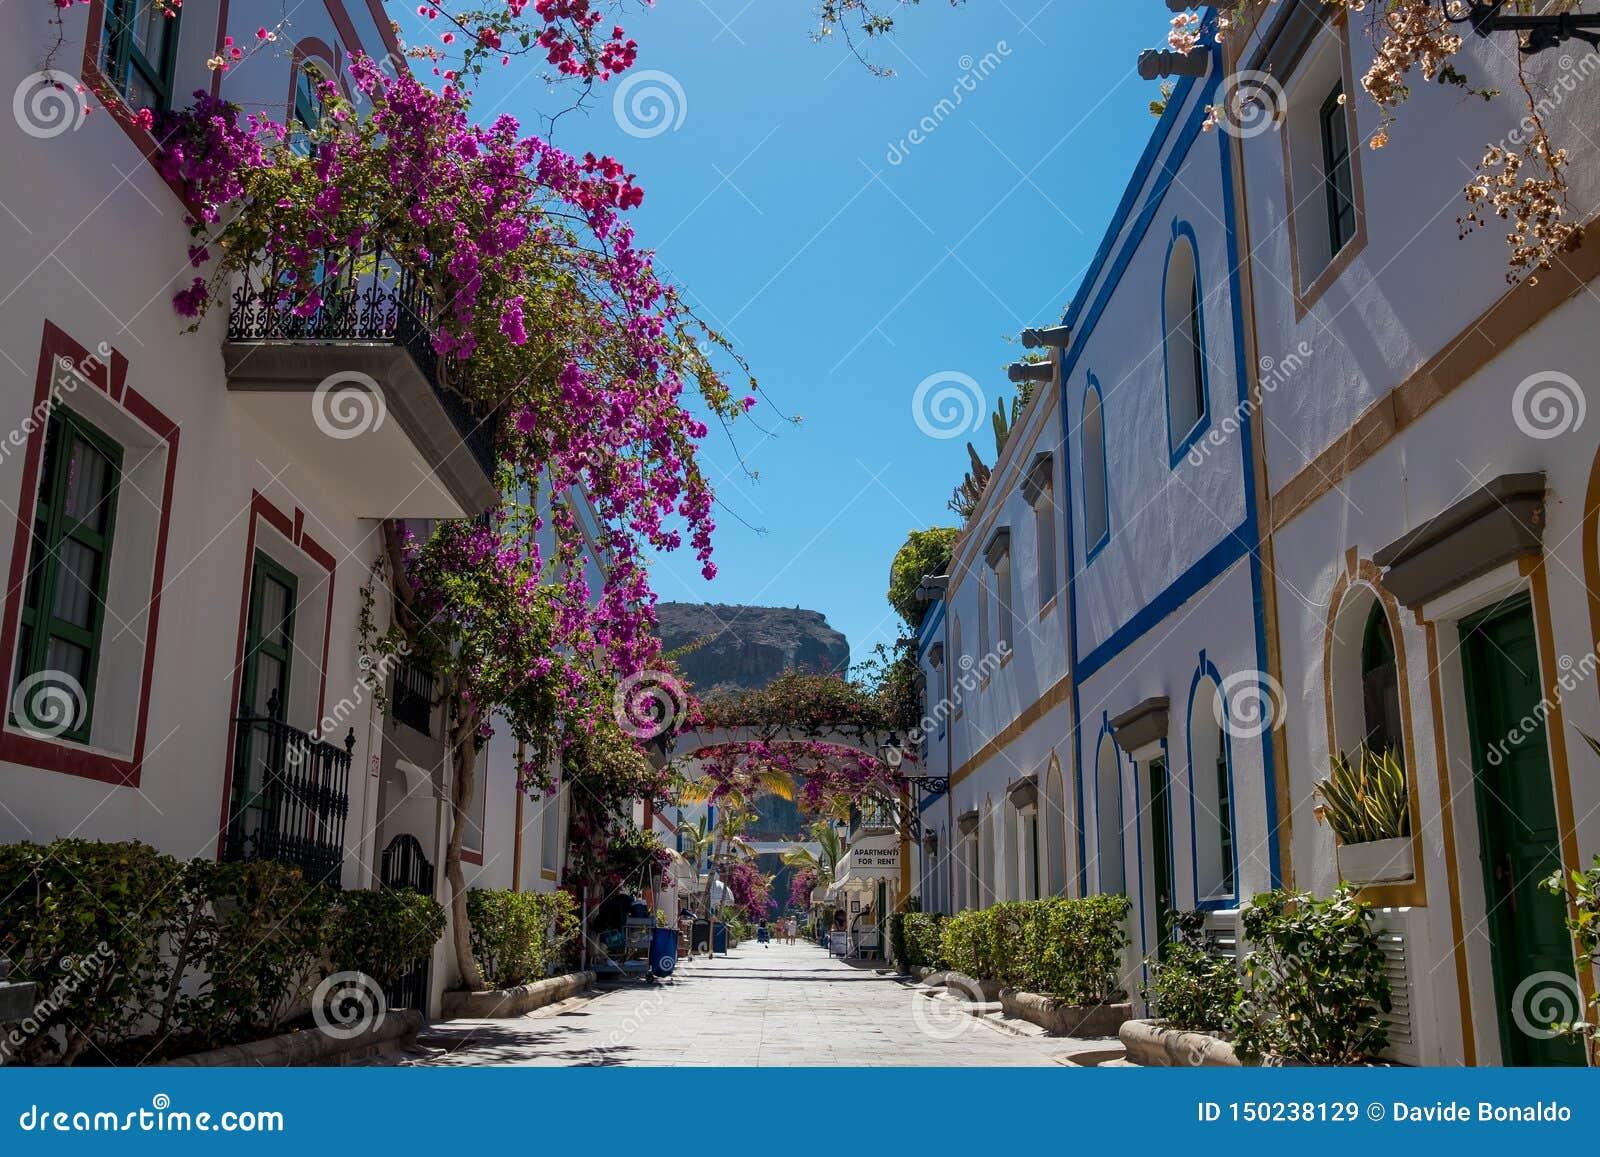 Puerto DE Mogan traditionele stegen en straten met rond niemand dit Spaanse dorp in het eiland van Gran Canaria met bloemen